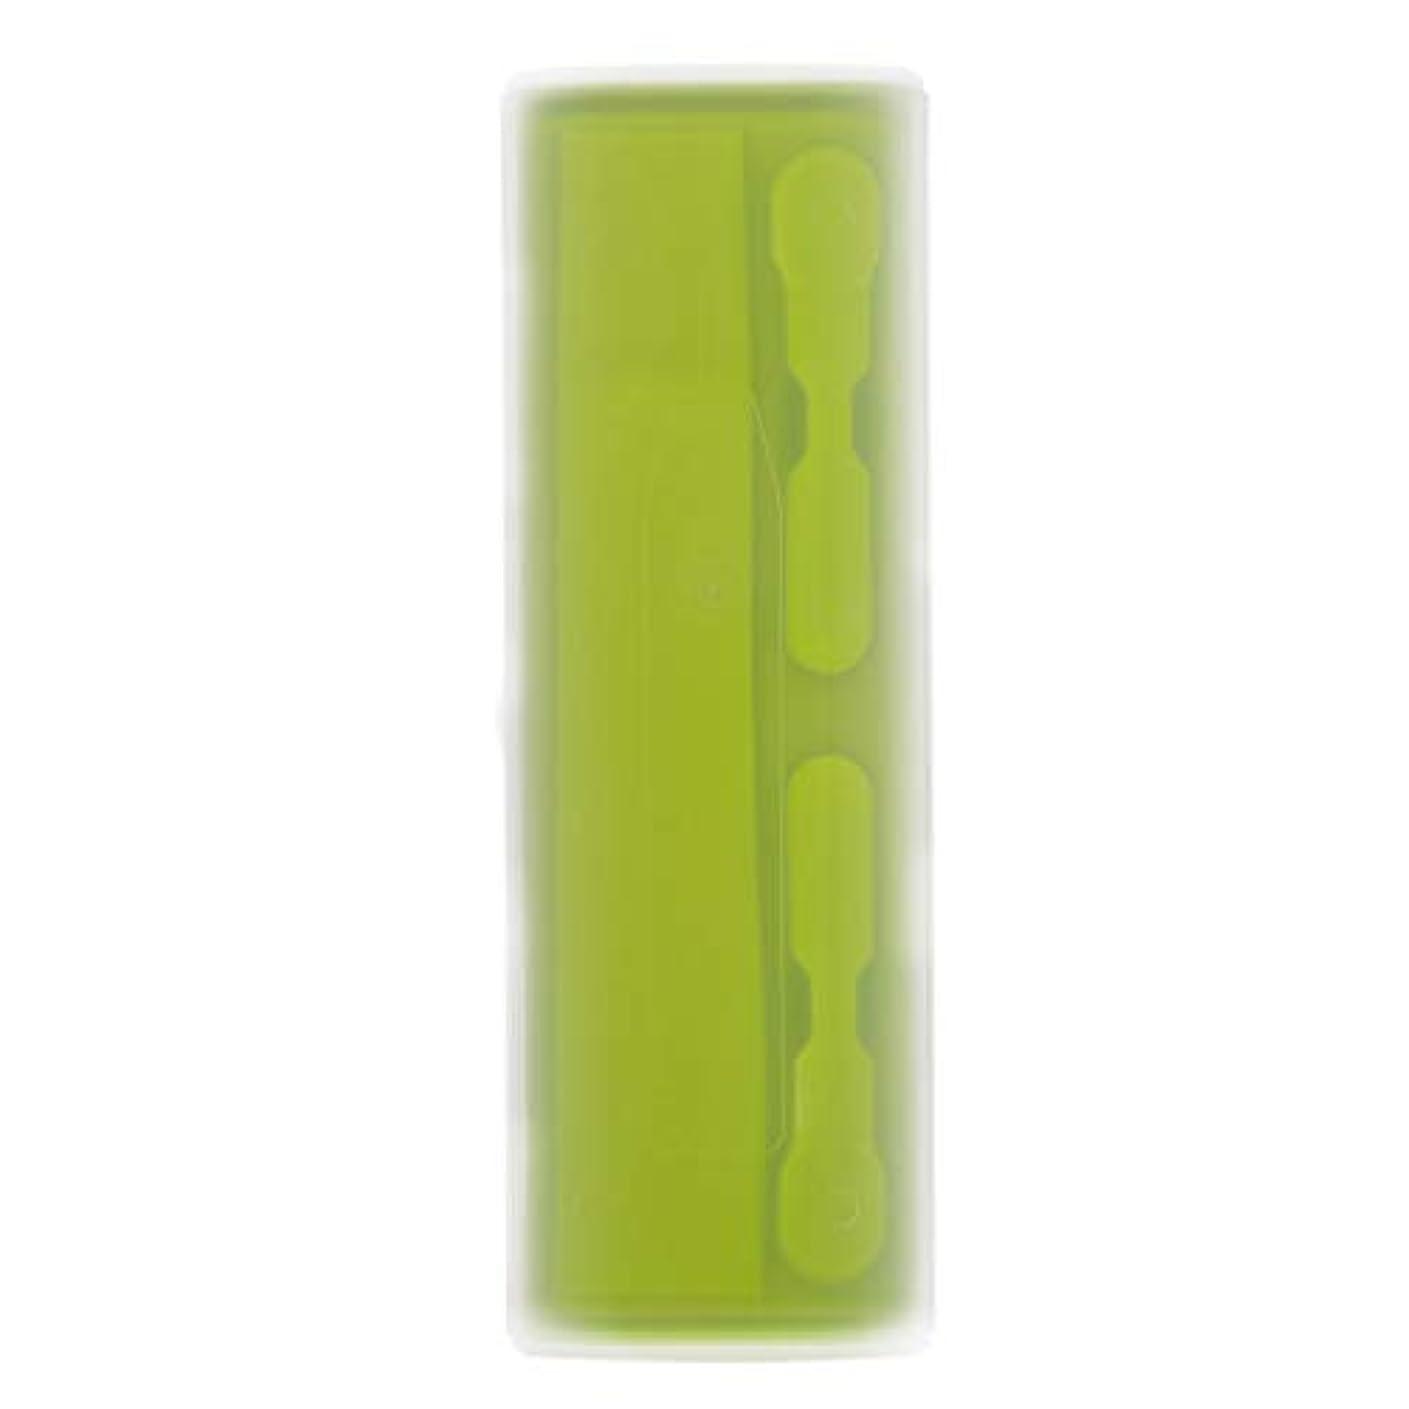 部分的に農学表向きRETYLY 携帯用電動歯ブラシホルダーケースボックス旅行キャンプ Oral-Bに適合 4色(グリーン)